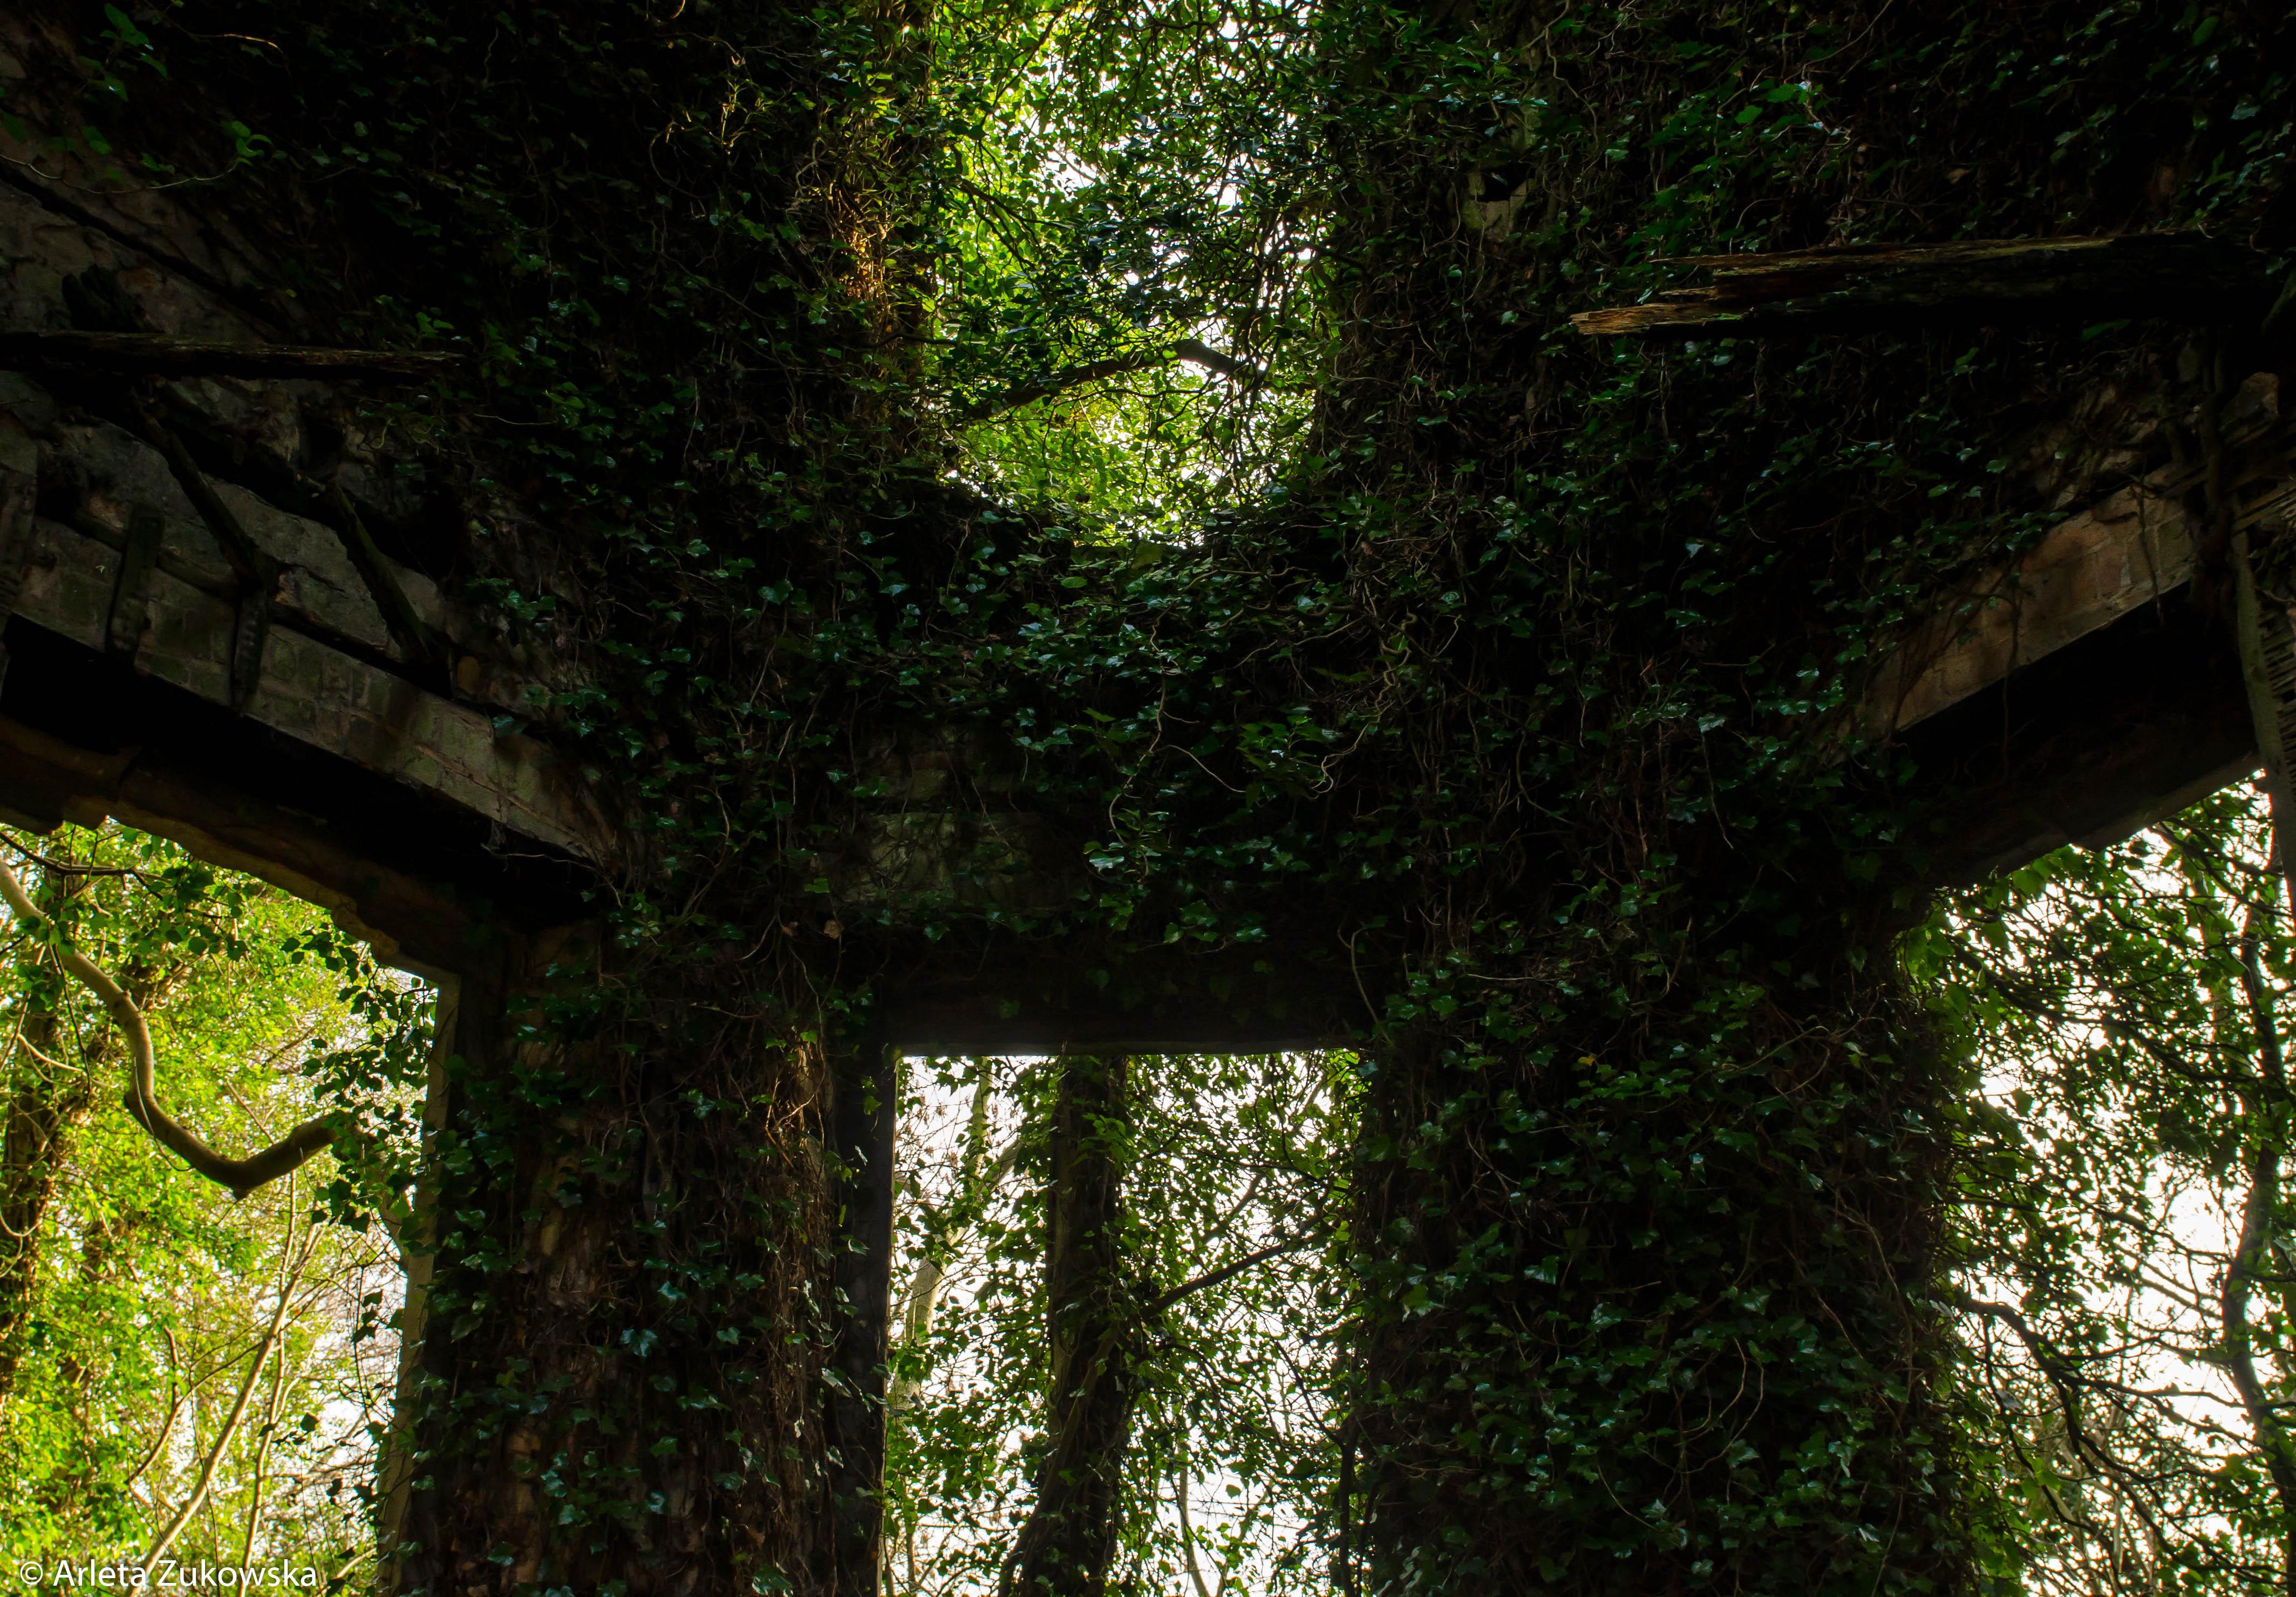 2014.01.18 - Riseholme Abandoned House II - 08